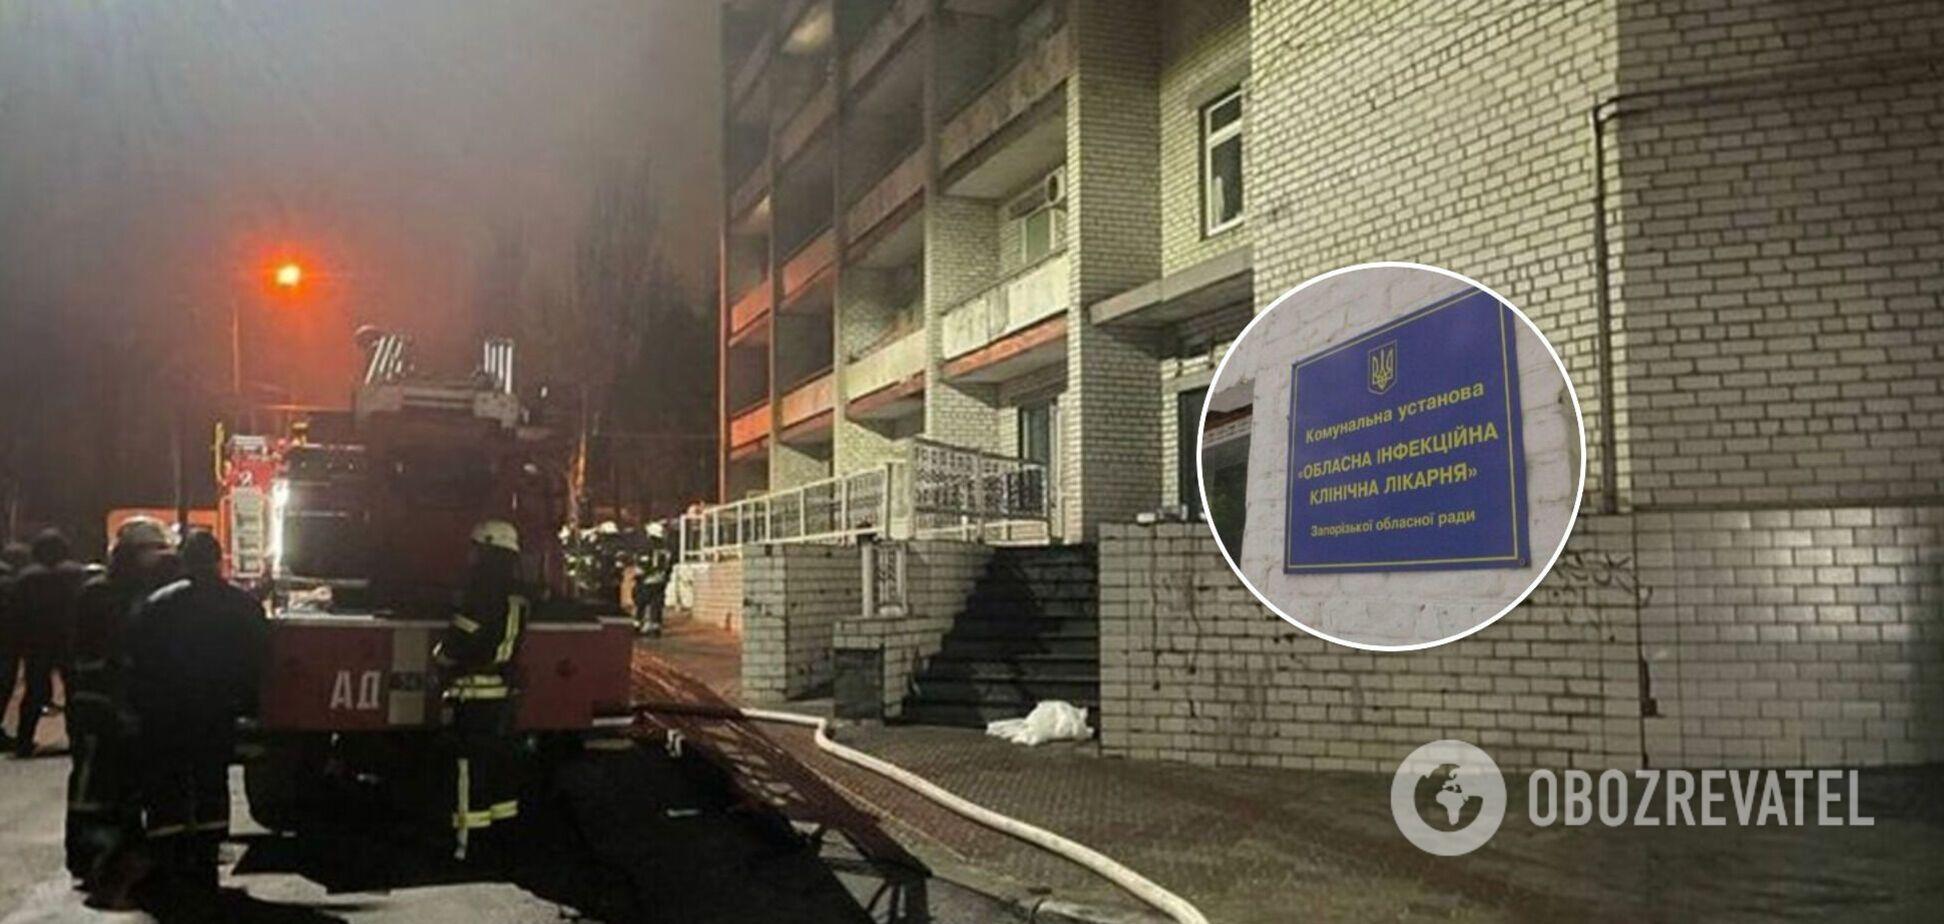 Двое пострадавших в результате пожара в больнице до сих пор в тяжелом состоянии